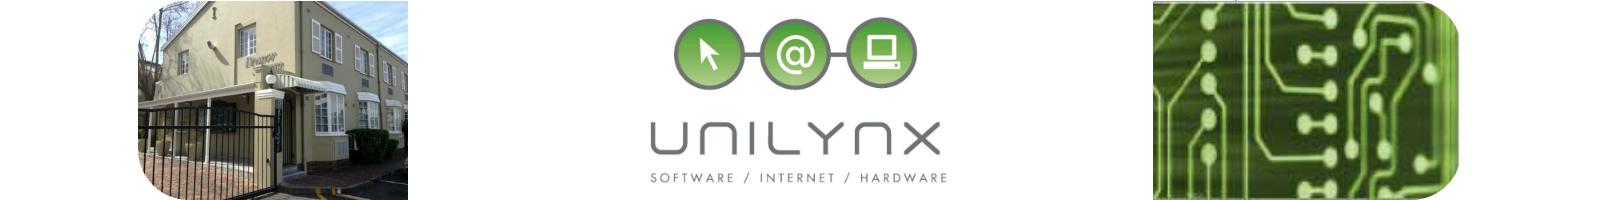 Unilynx-Header-3